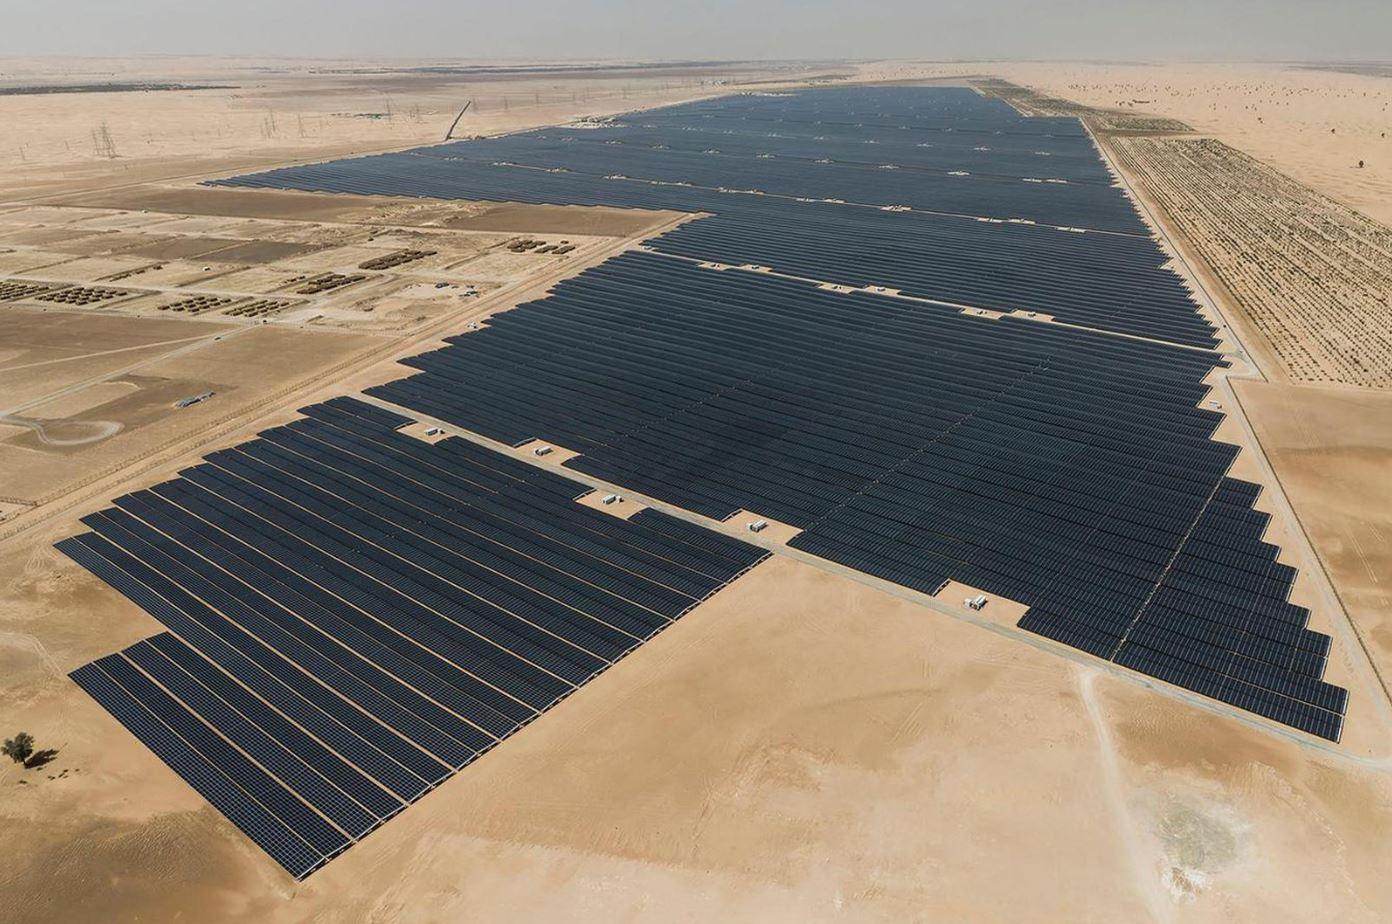 بزرگترین مزرعه خورشیدی جهان در امارات ۱.۲ گیگاوات افتتاح شد